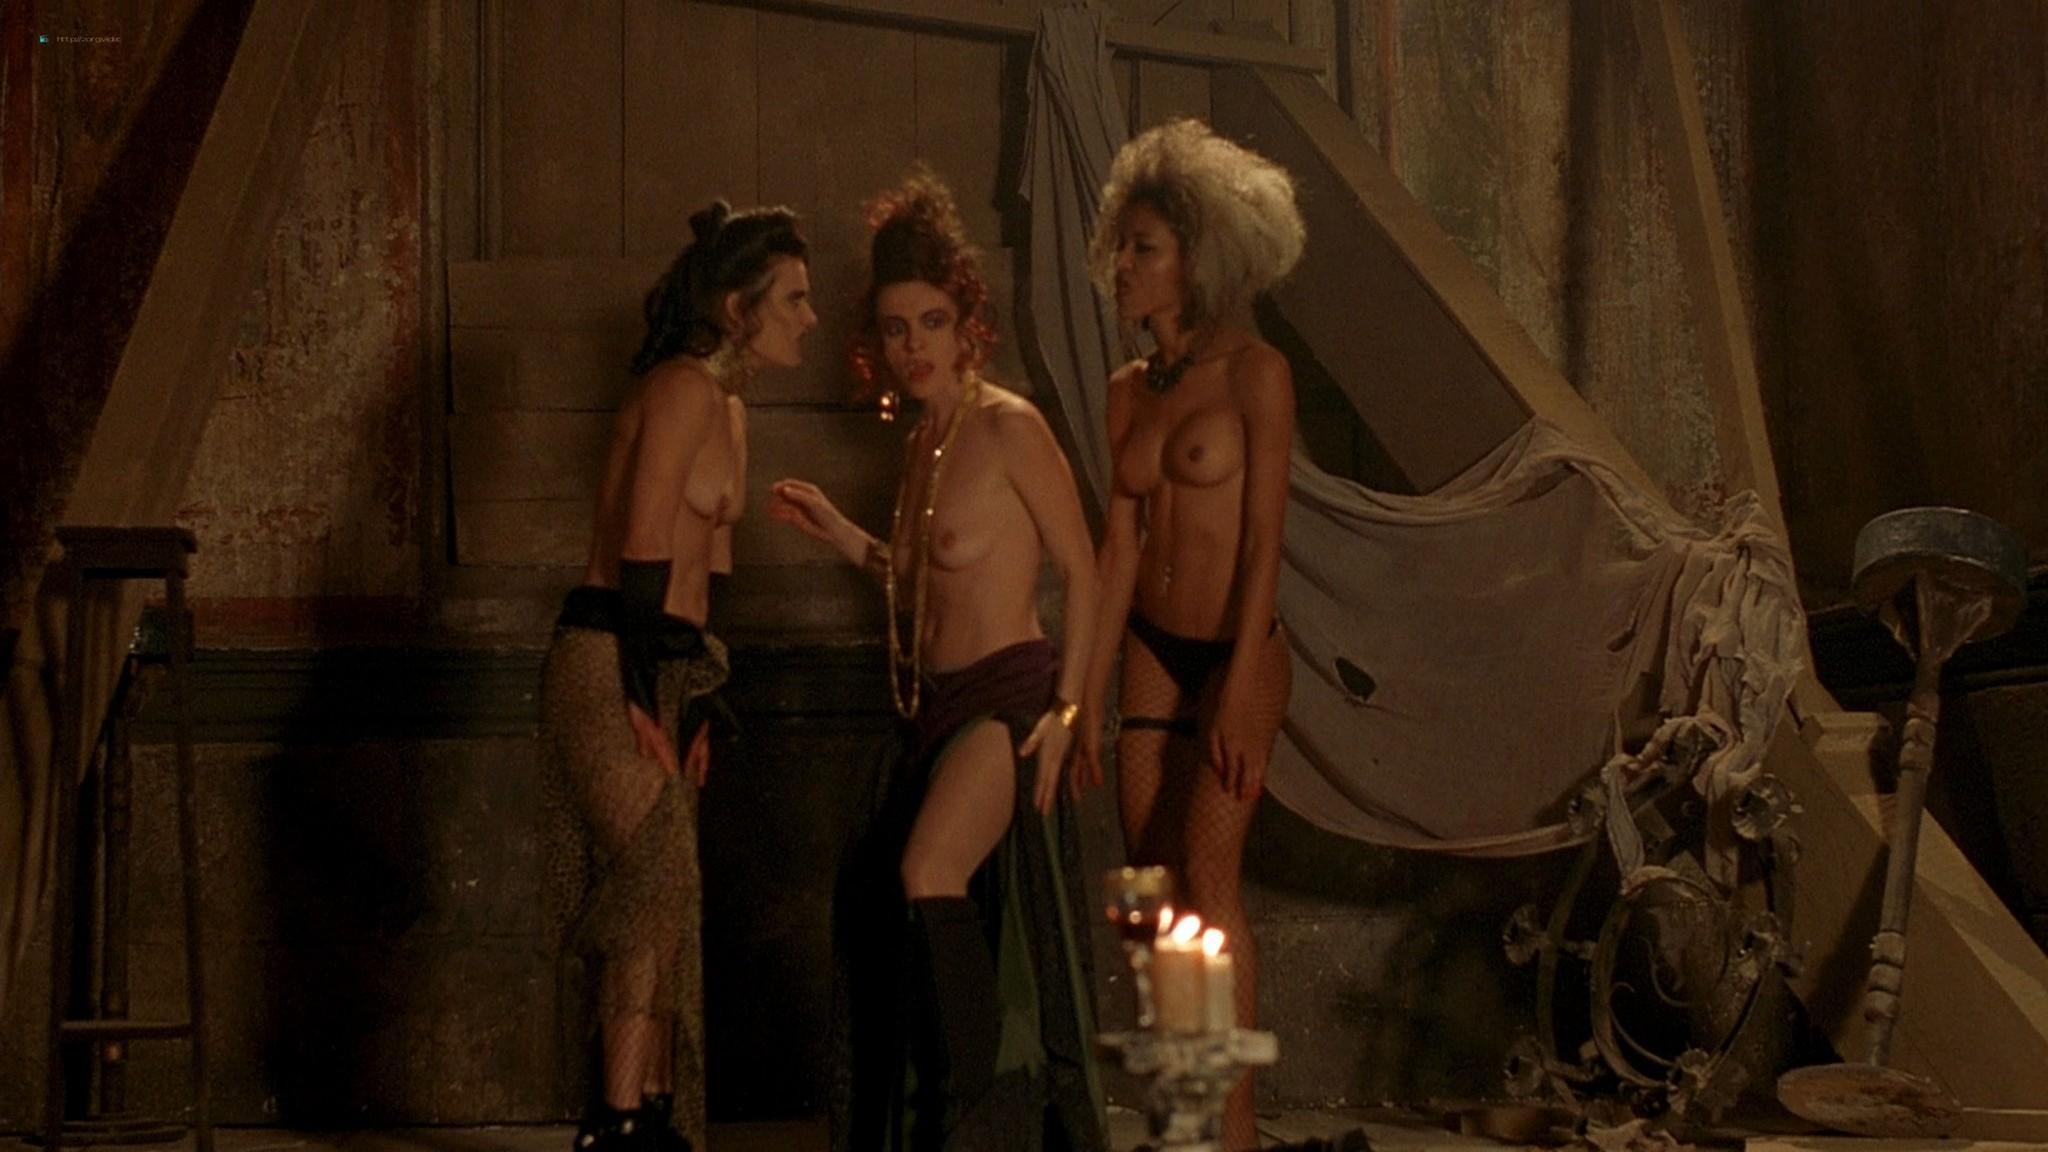 Jennifer Lyons hot Simon Petric, Desiree Malonga and others nude - Transylmania (2009) HD 1080p BluRay (r) (5)